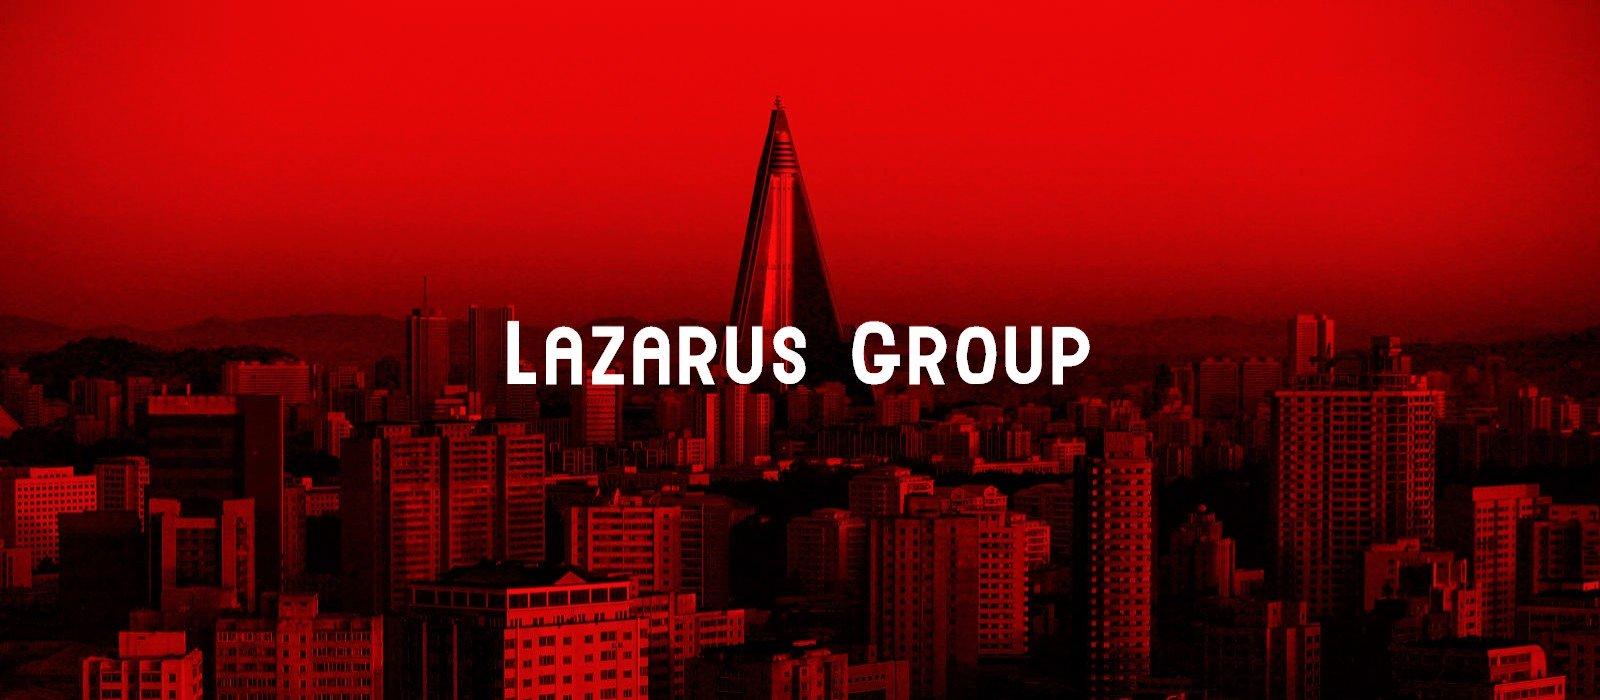 Gli hacker di Lazarus prendono di mira le organizzazioni di criptovaluta con false offerte di lavoro